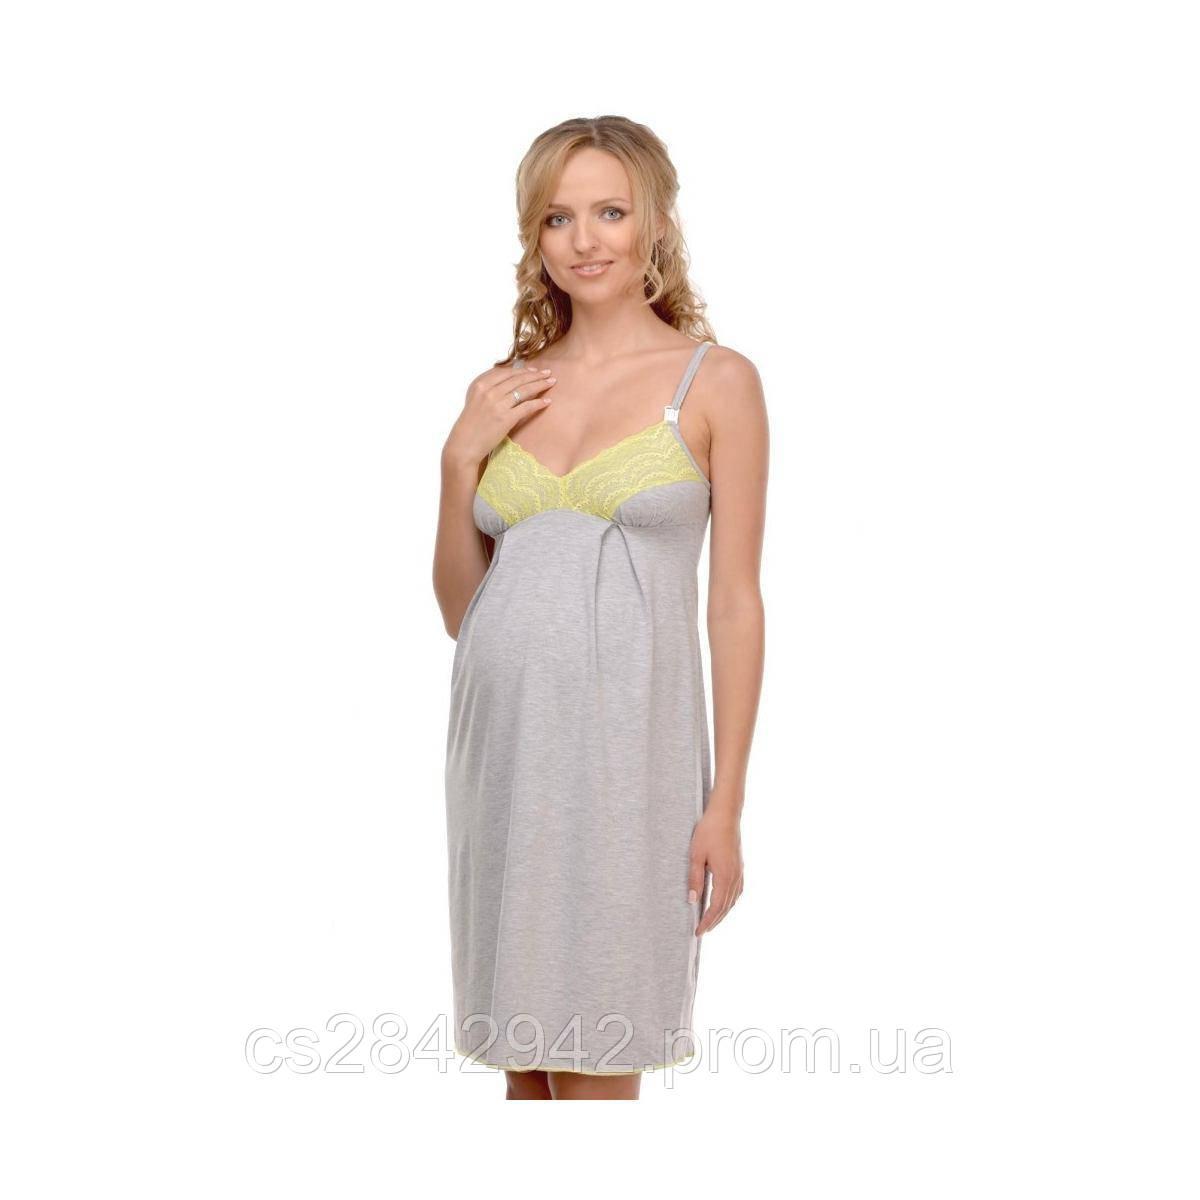 Нічна сорочка для вагітних і годуючих (ночная сорочка для беременных и кормящих) Меланж